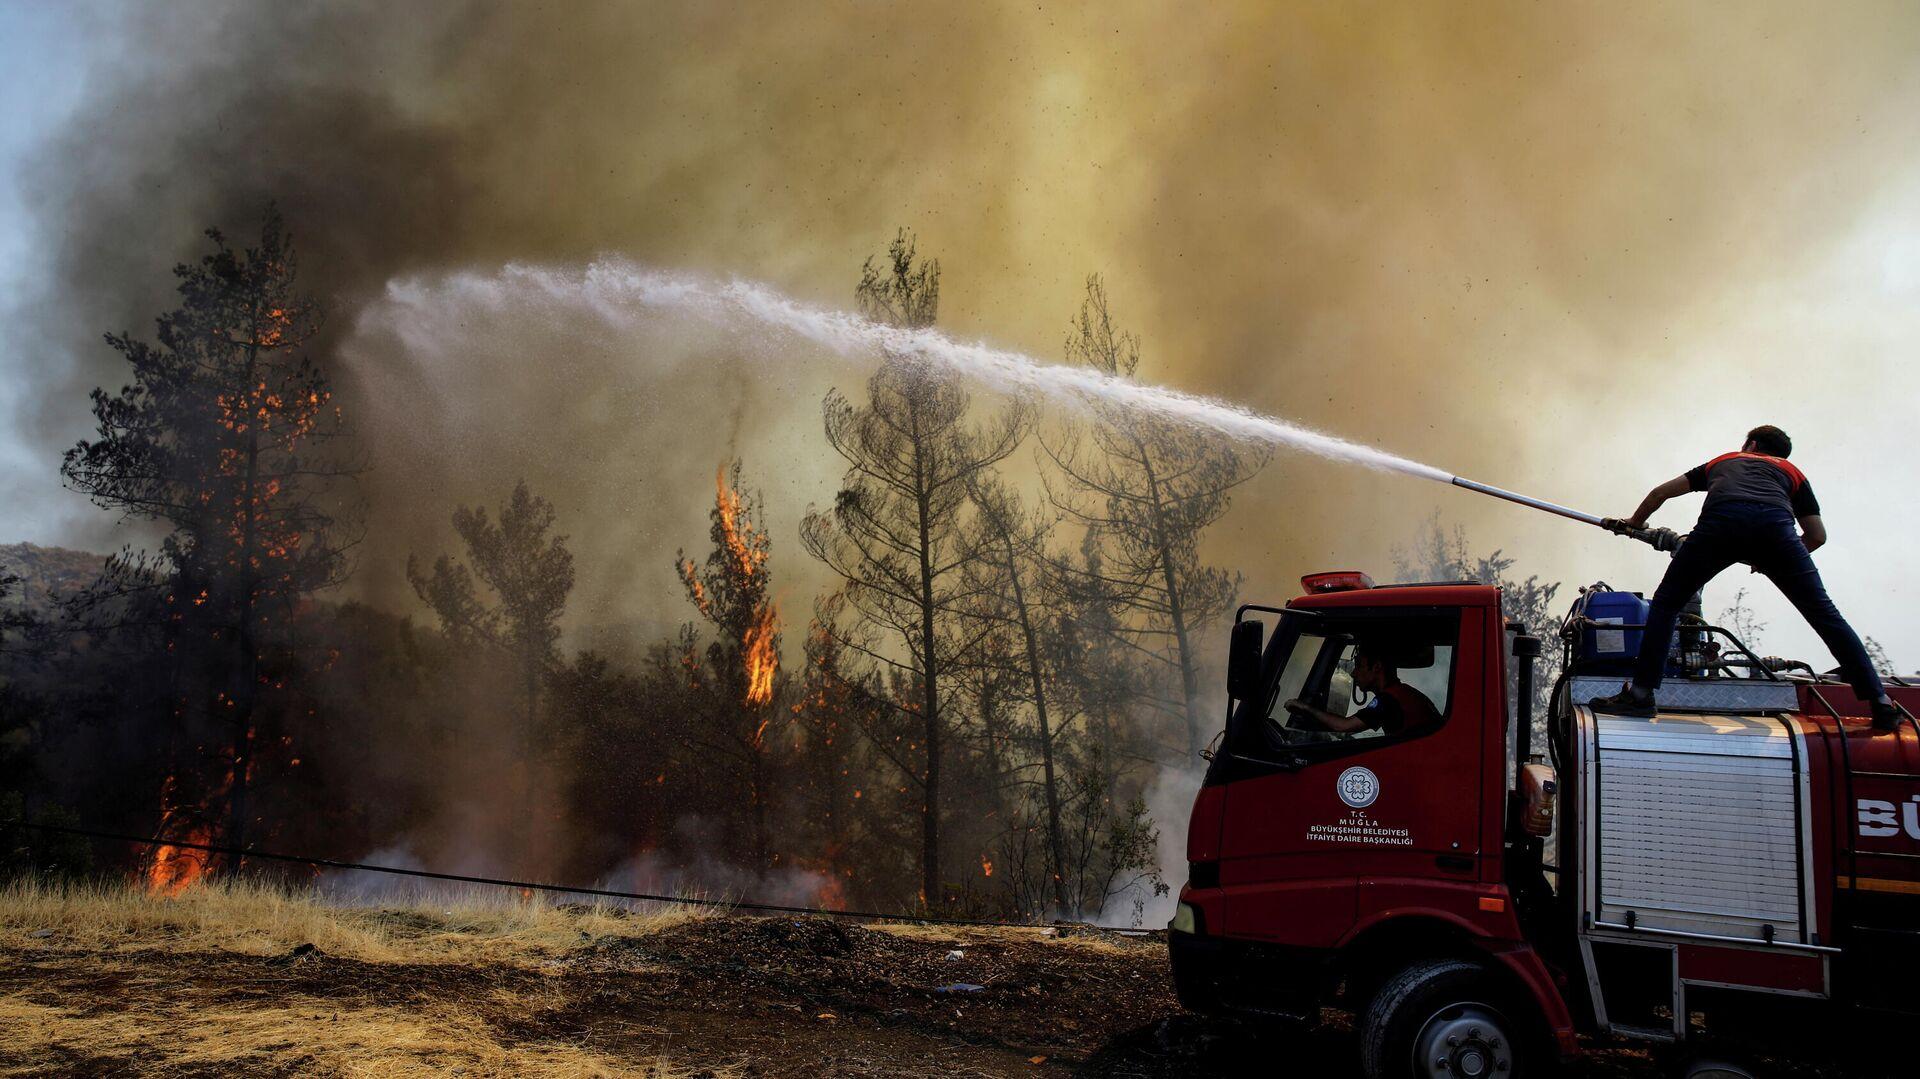 Incendios forestales en Turquía - Sputnik Mundo, 1920, 02.08.2021